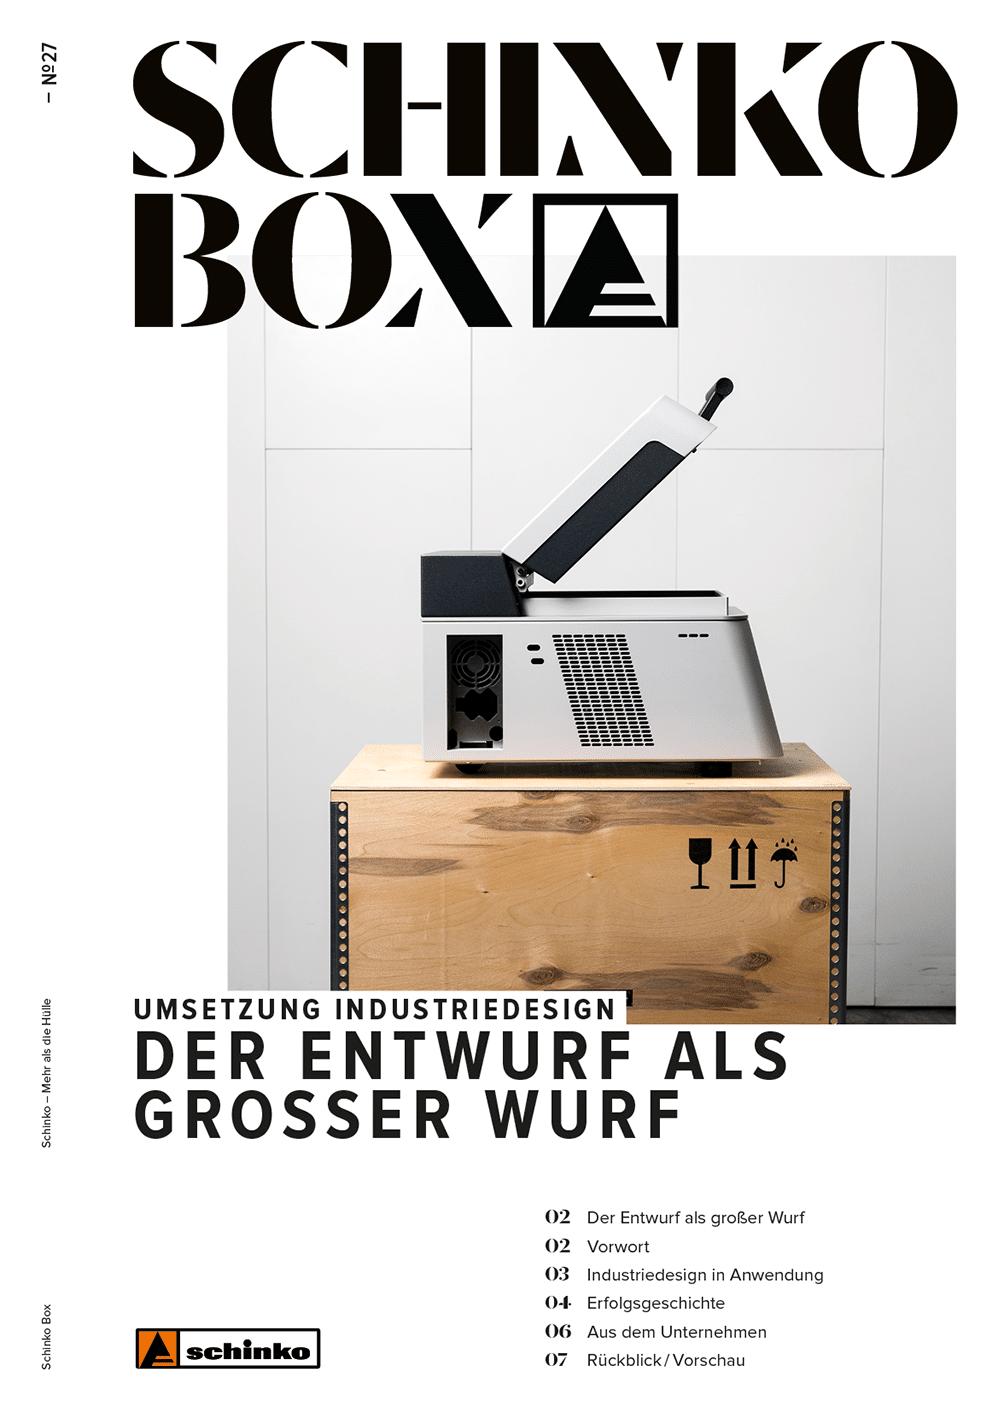 Titelbild der Schinko Box Nr. 27 –Umsetzung Industrie Design - Titelbild der Schinko Box Nr. 27 – Umsetzung Industrie Design